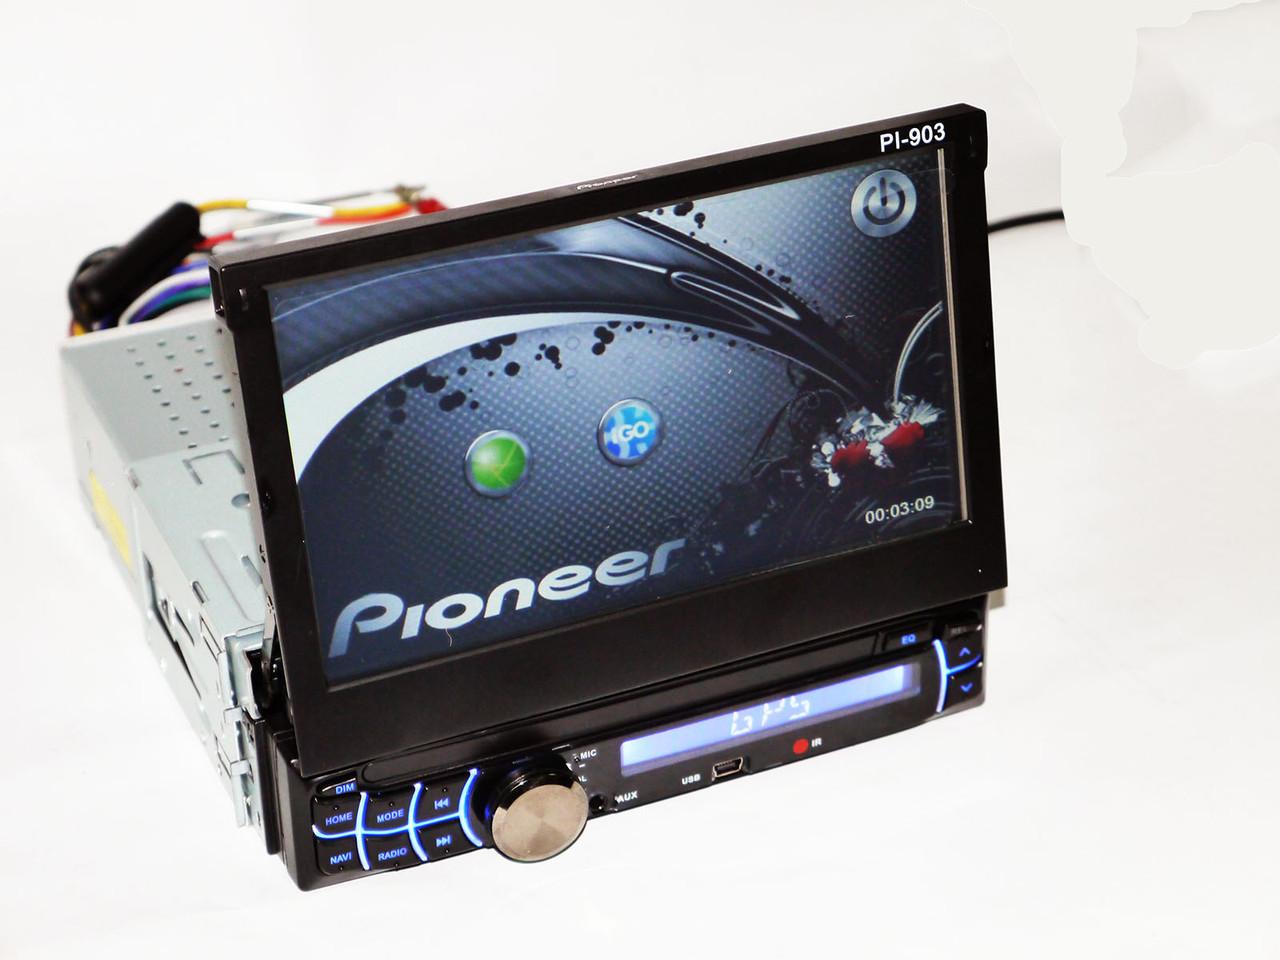 магнитола 2din pioneer pi-703 инструкция